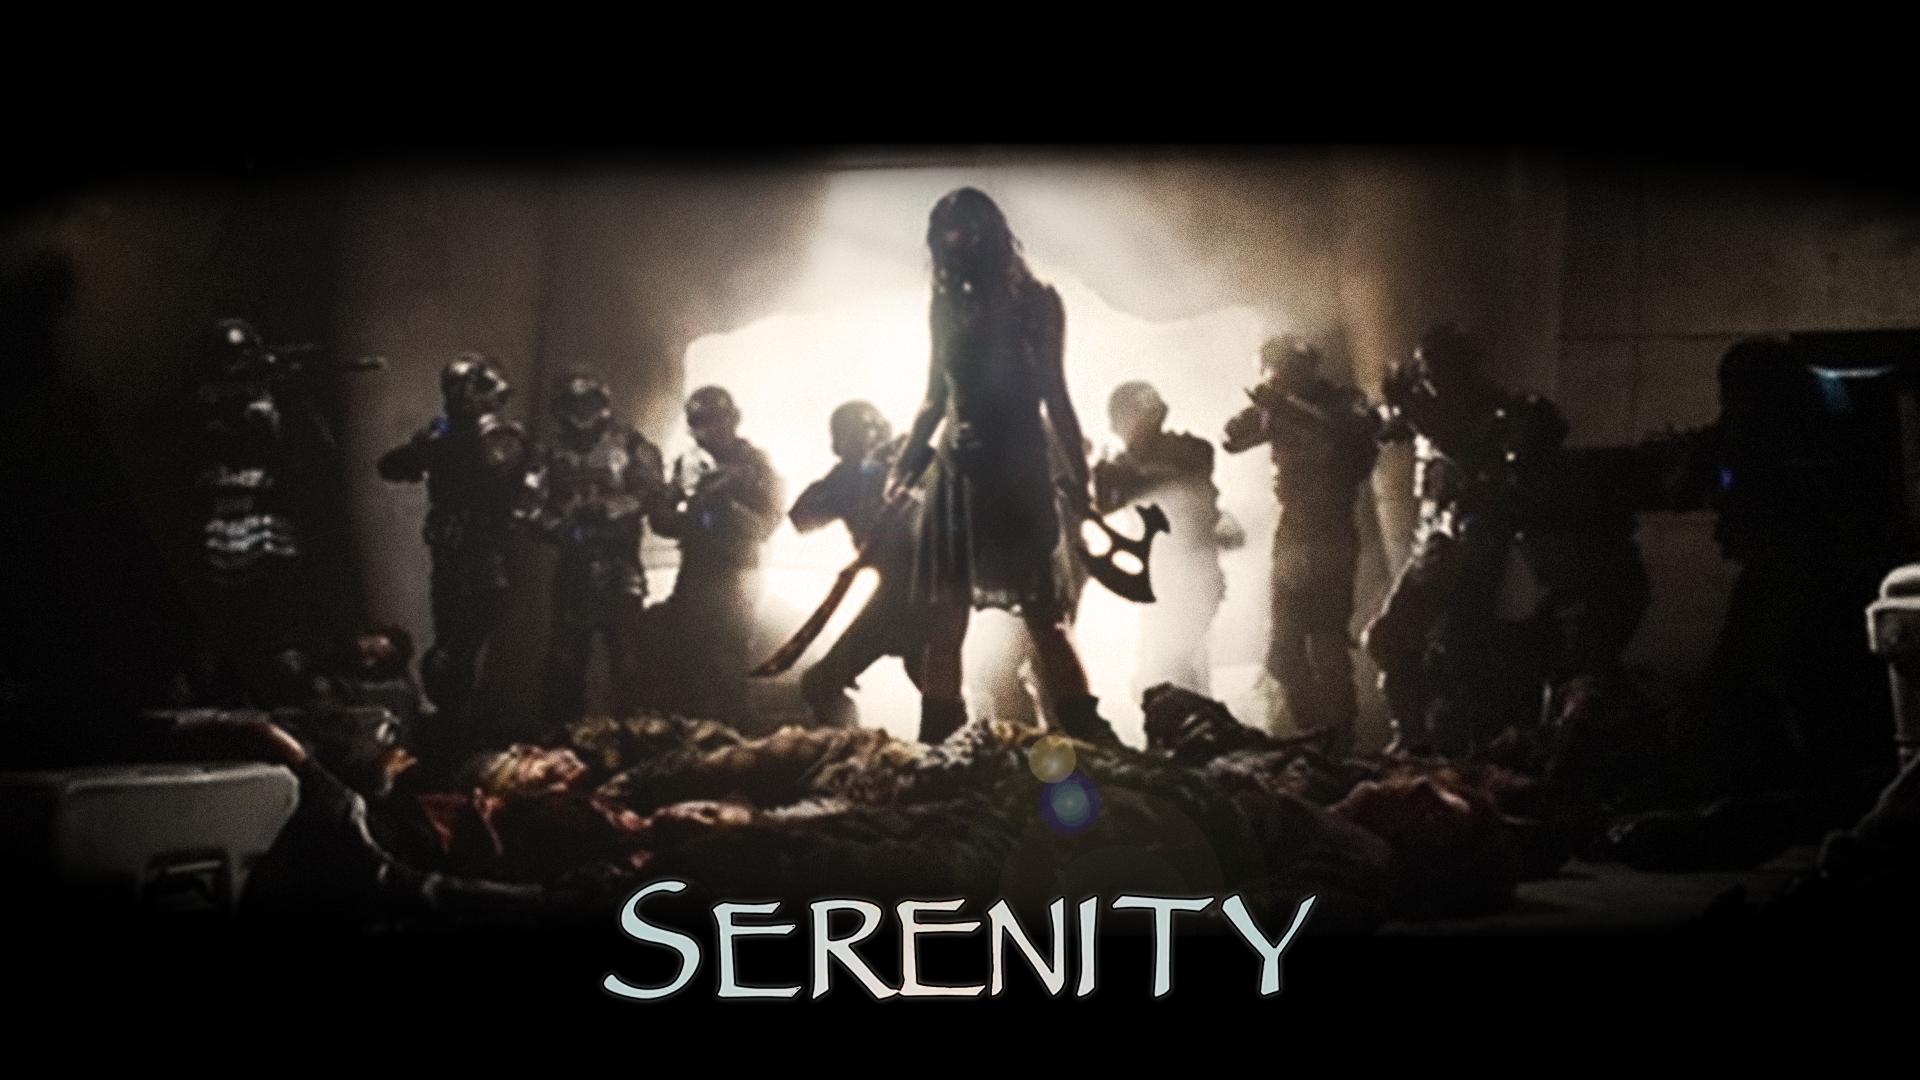 Serenity Desktop Wallpaper Wallpapersafari HD Wallpapers Download Free Images Wallpaper [1000image.com]